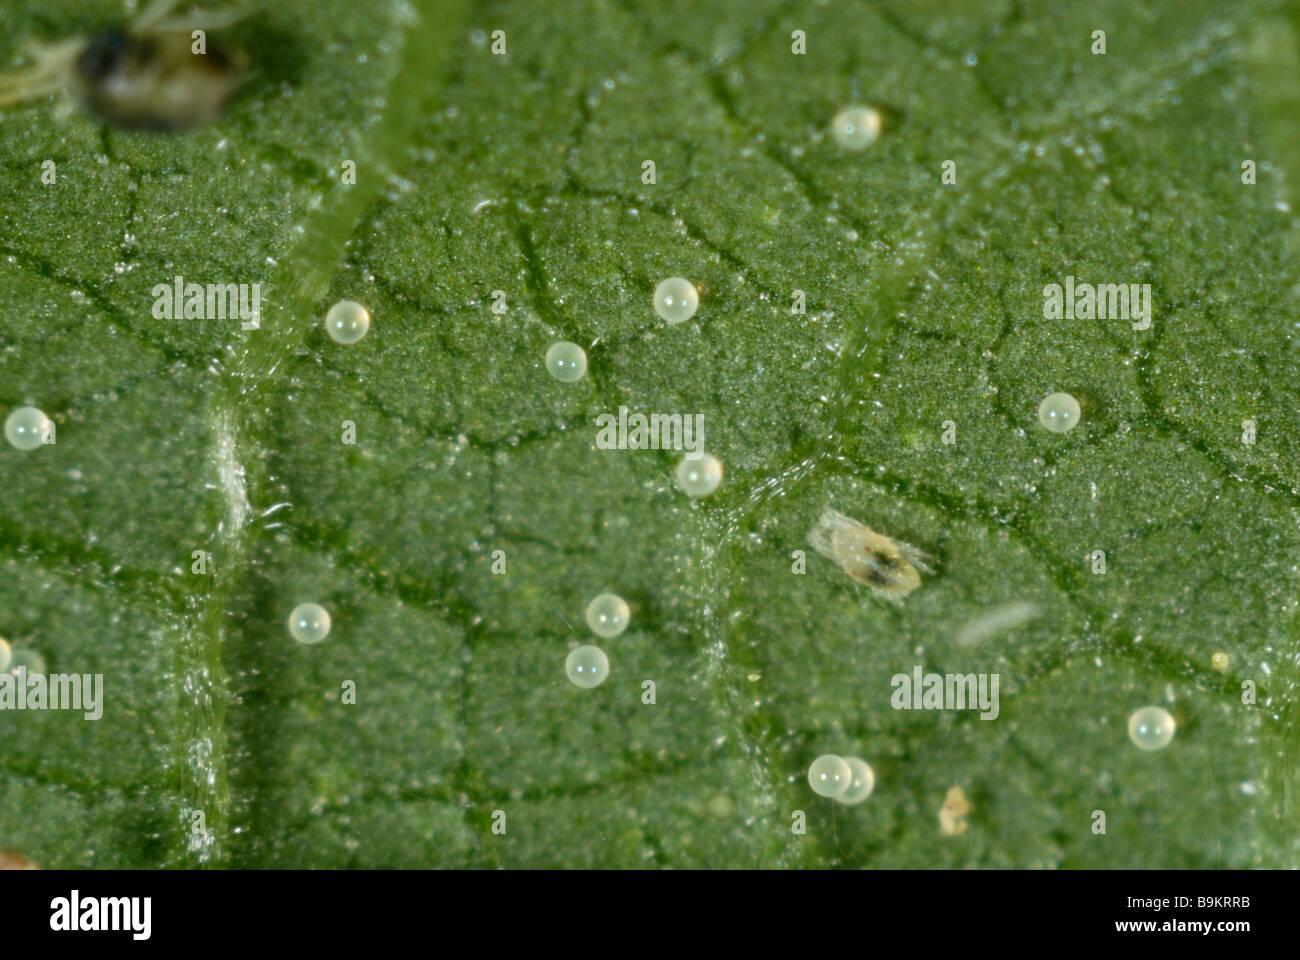 Spider mite eggs